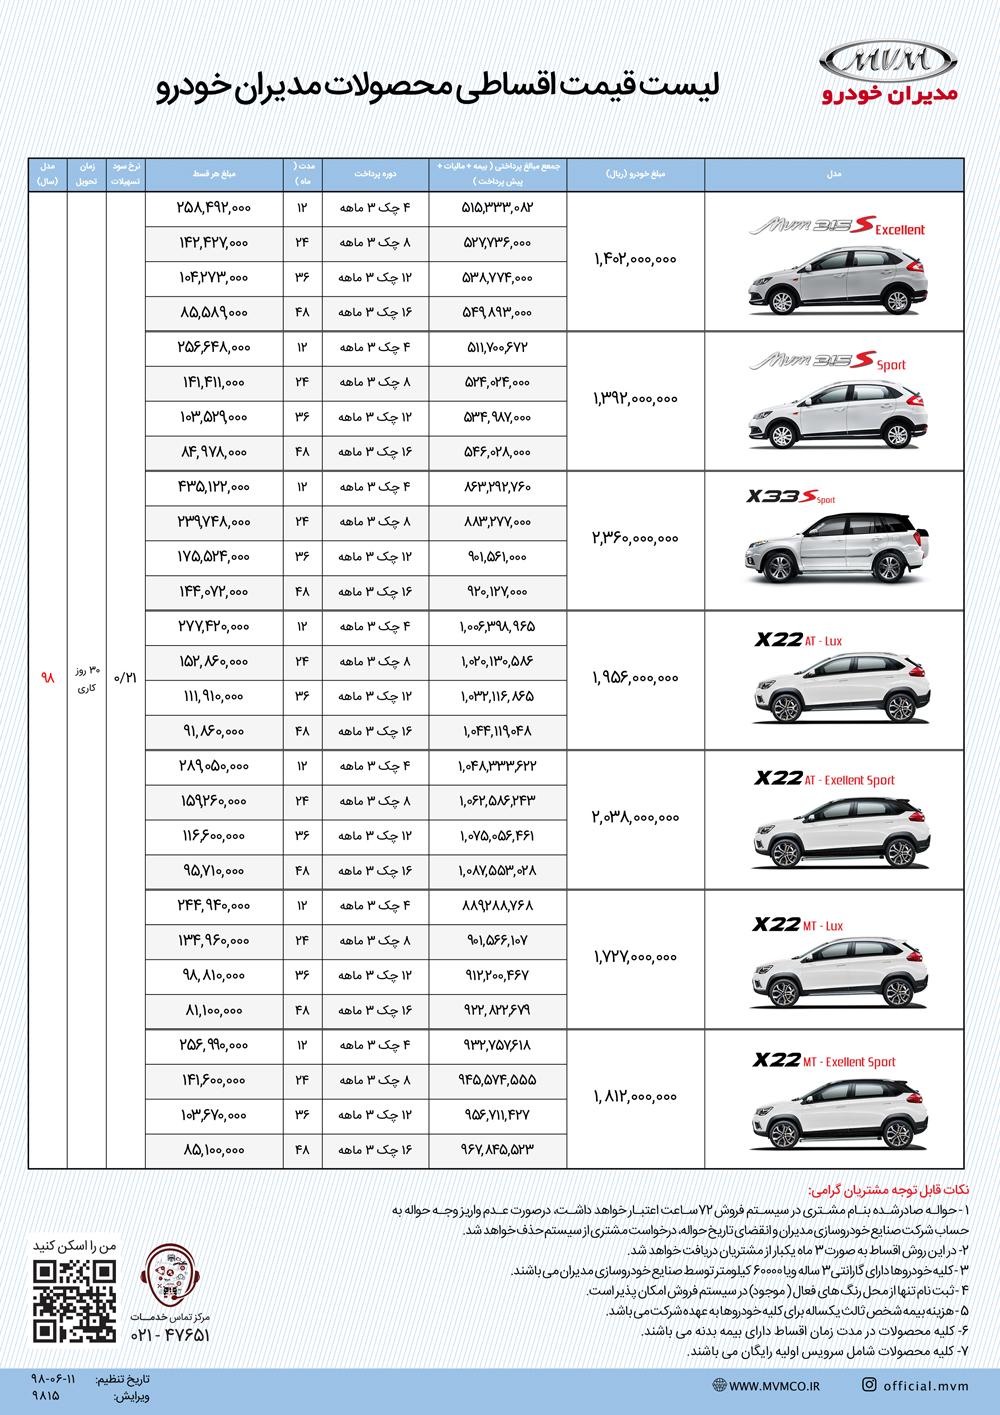 اعلام طرح فروش اقساطی مدیران خودرو با اقساط متنوع